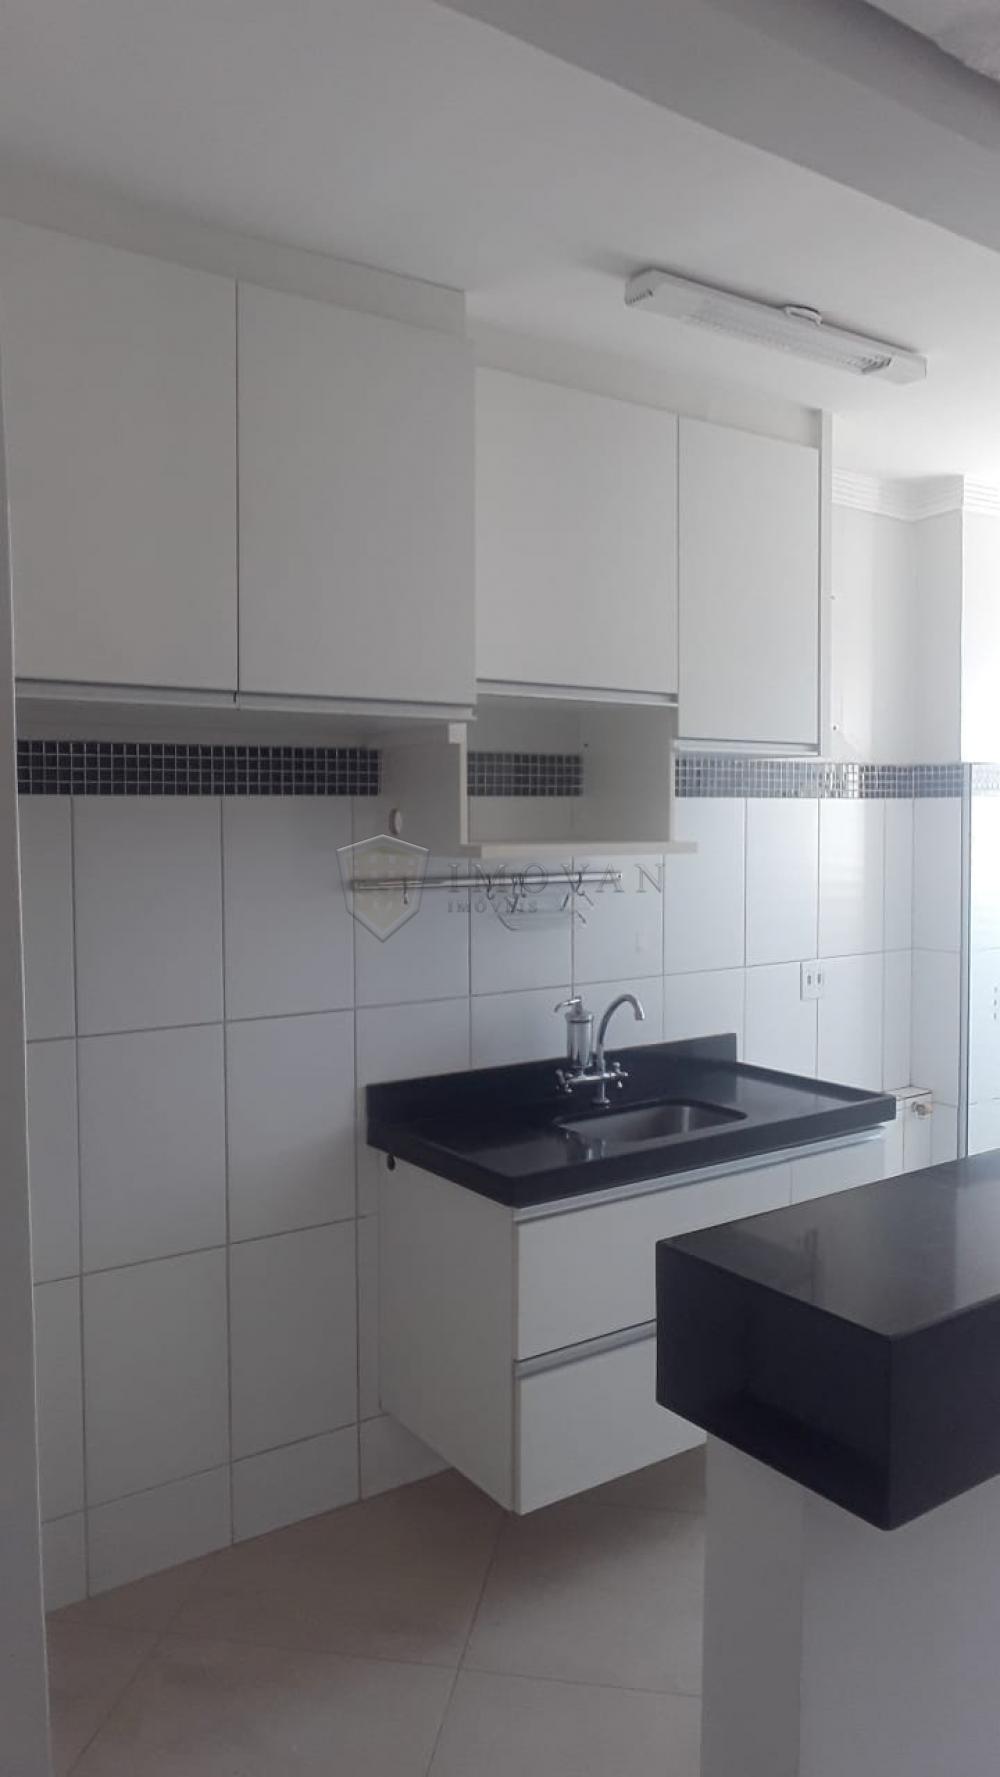 Alugar Apartamento / Cobertura em Ribeirão Preto apenas R$ 1.700,00 - Foto 13